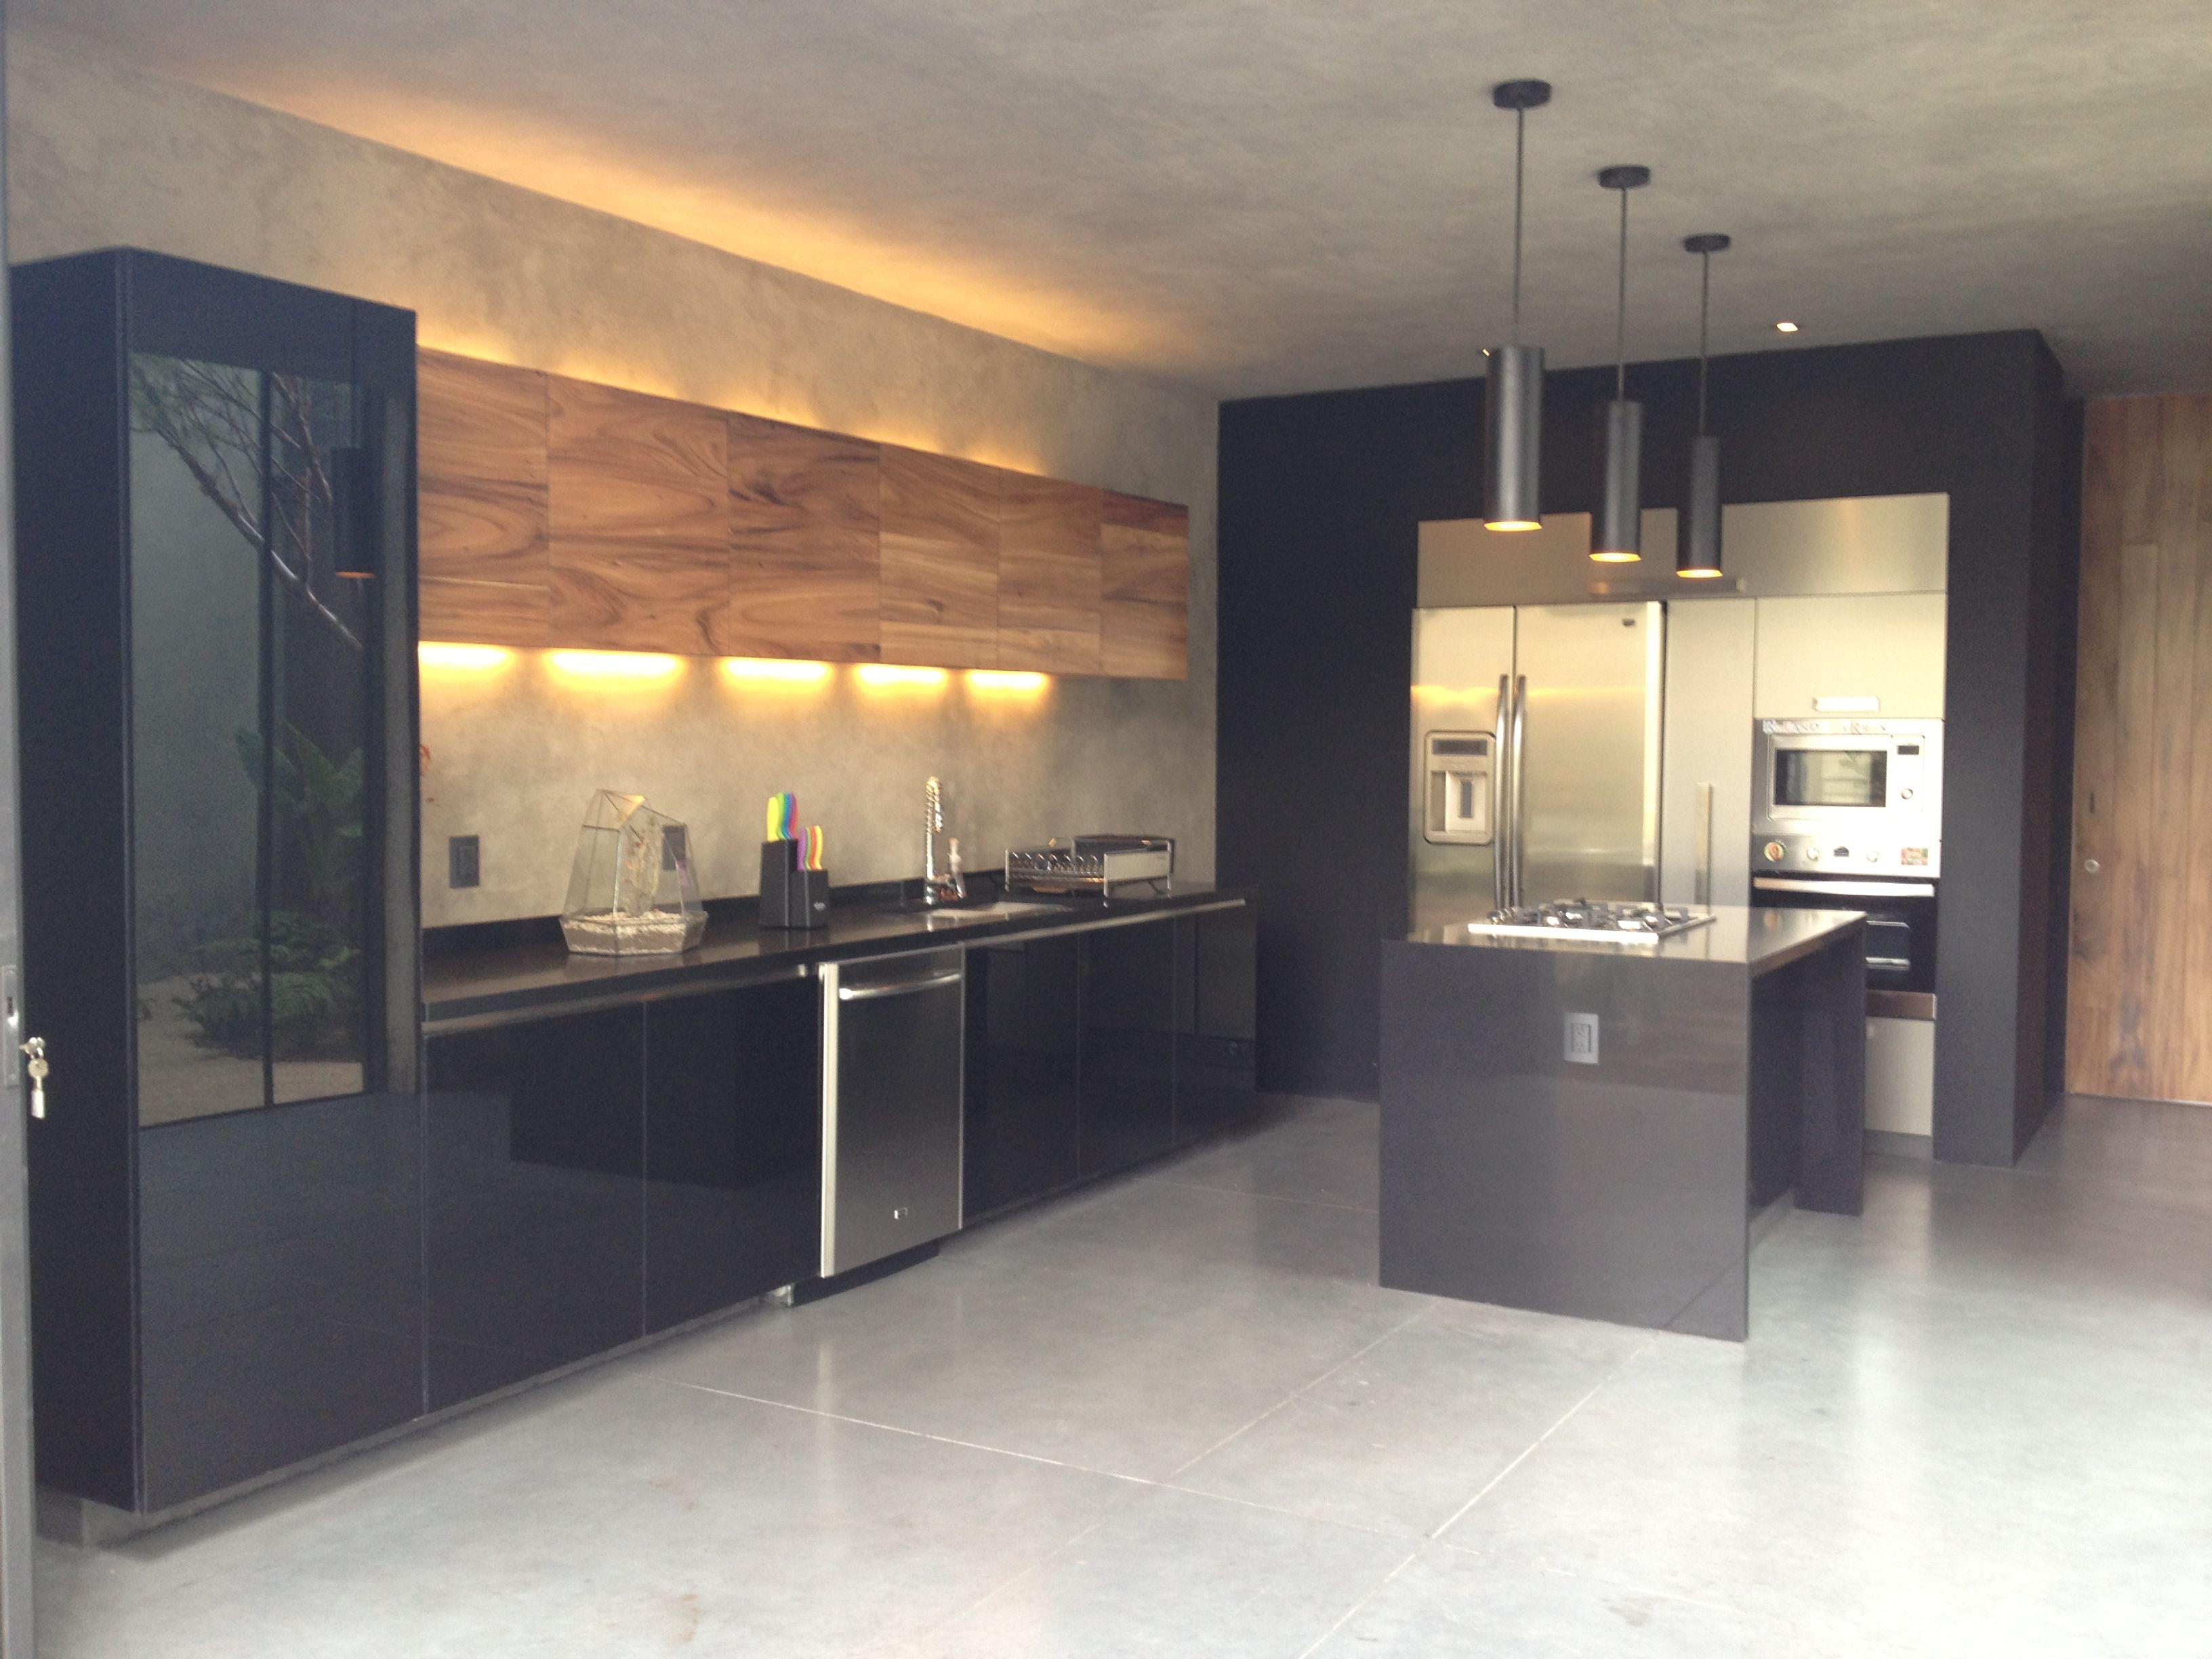 Casa prado ad11 guadalajara cocina de vidrio negro for Cocinas en guadalajara